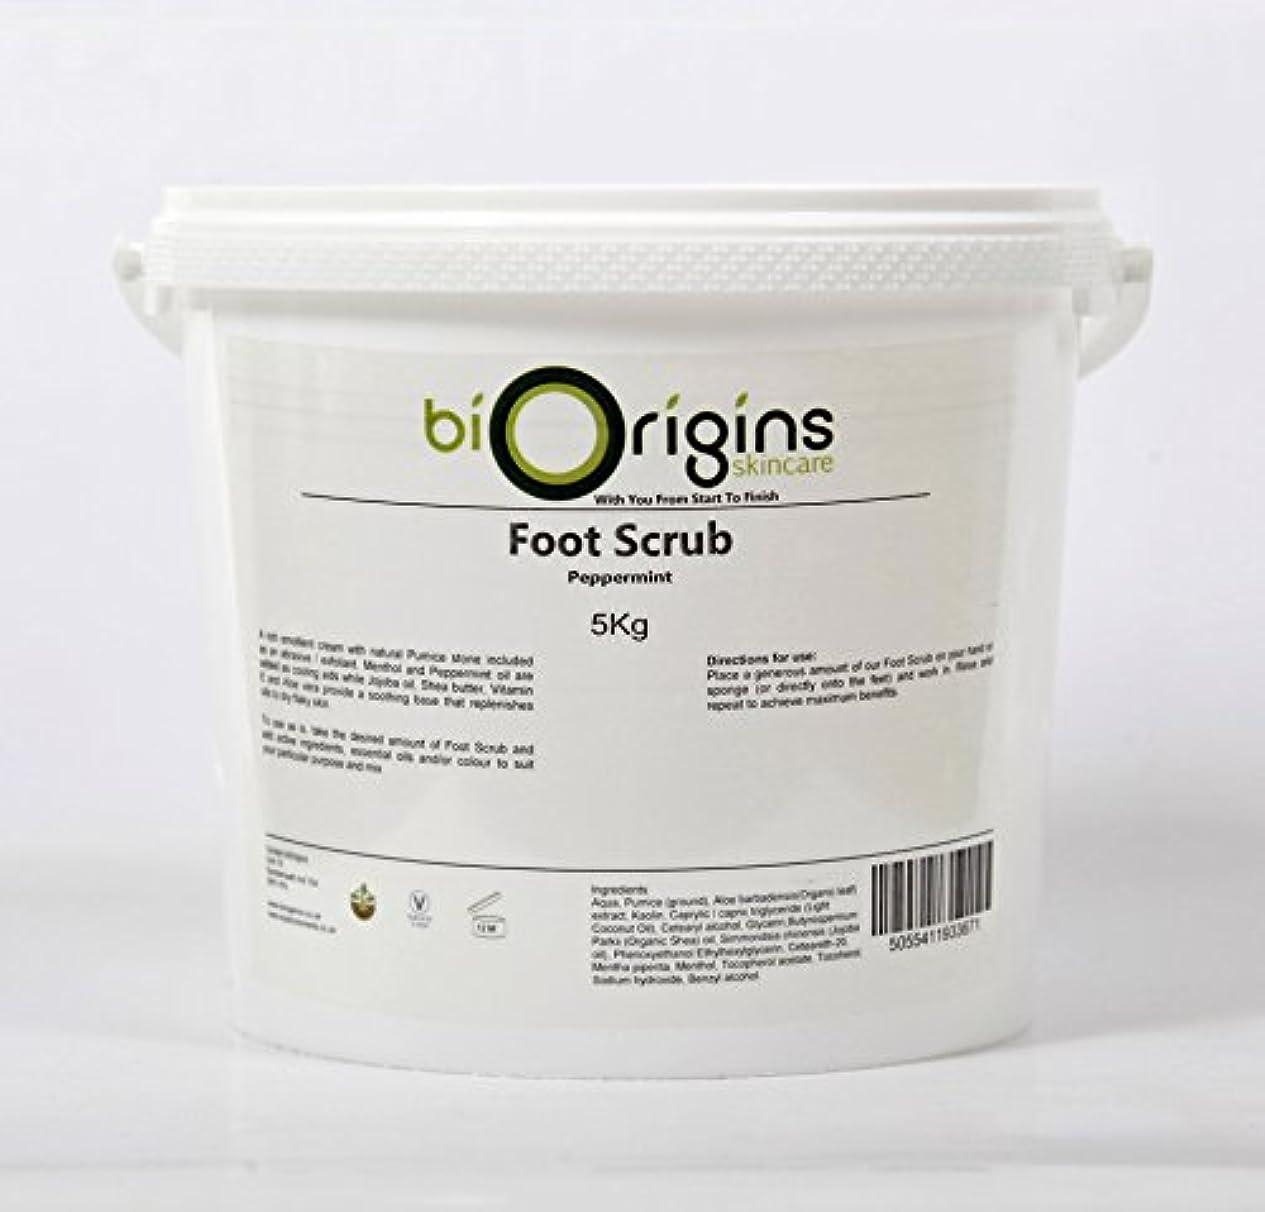 昆虫を見る似ているカトリック教徒Foot Scrub Peppermint - Botanical Skincare Base - 5Kg